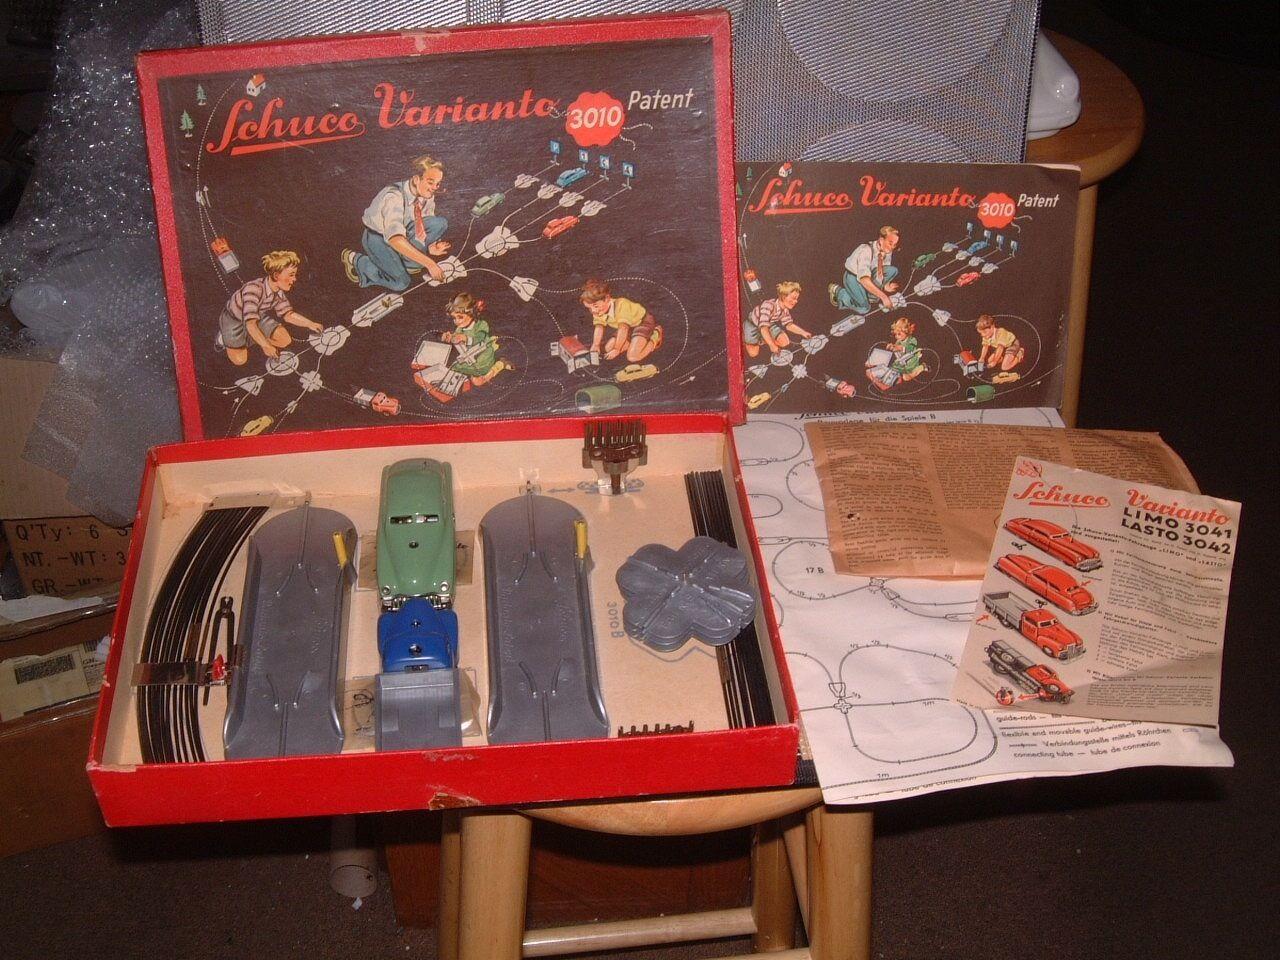 Schuco varianto 310 b完全なセット。完全に作業&それのボックスを完了!